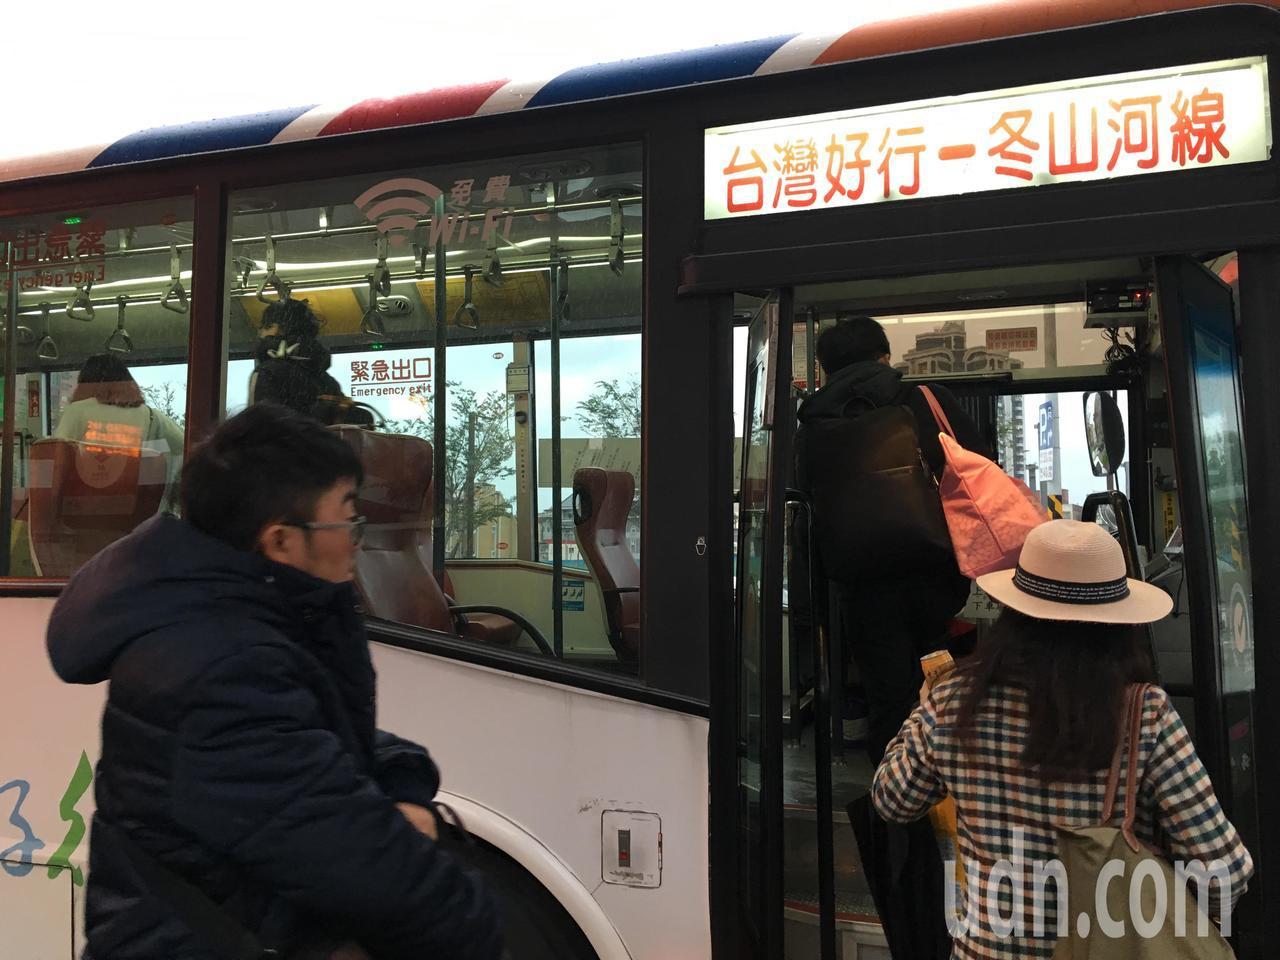 春節期間,民眾可搭乘台灣好行、台灣觀巴等專車出遊,避免塞車。記者吳姿賢/攝影